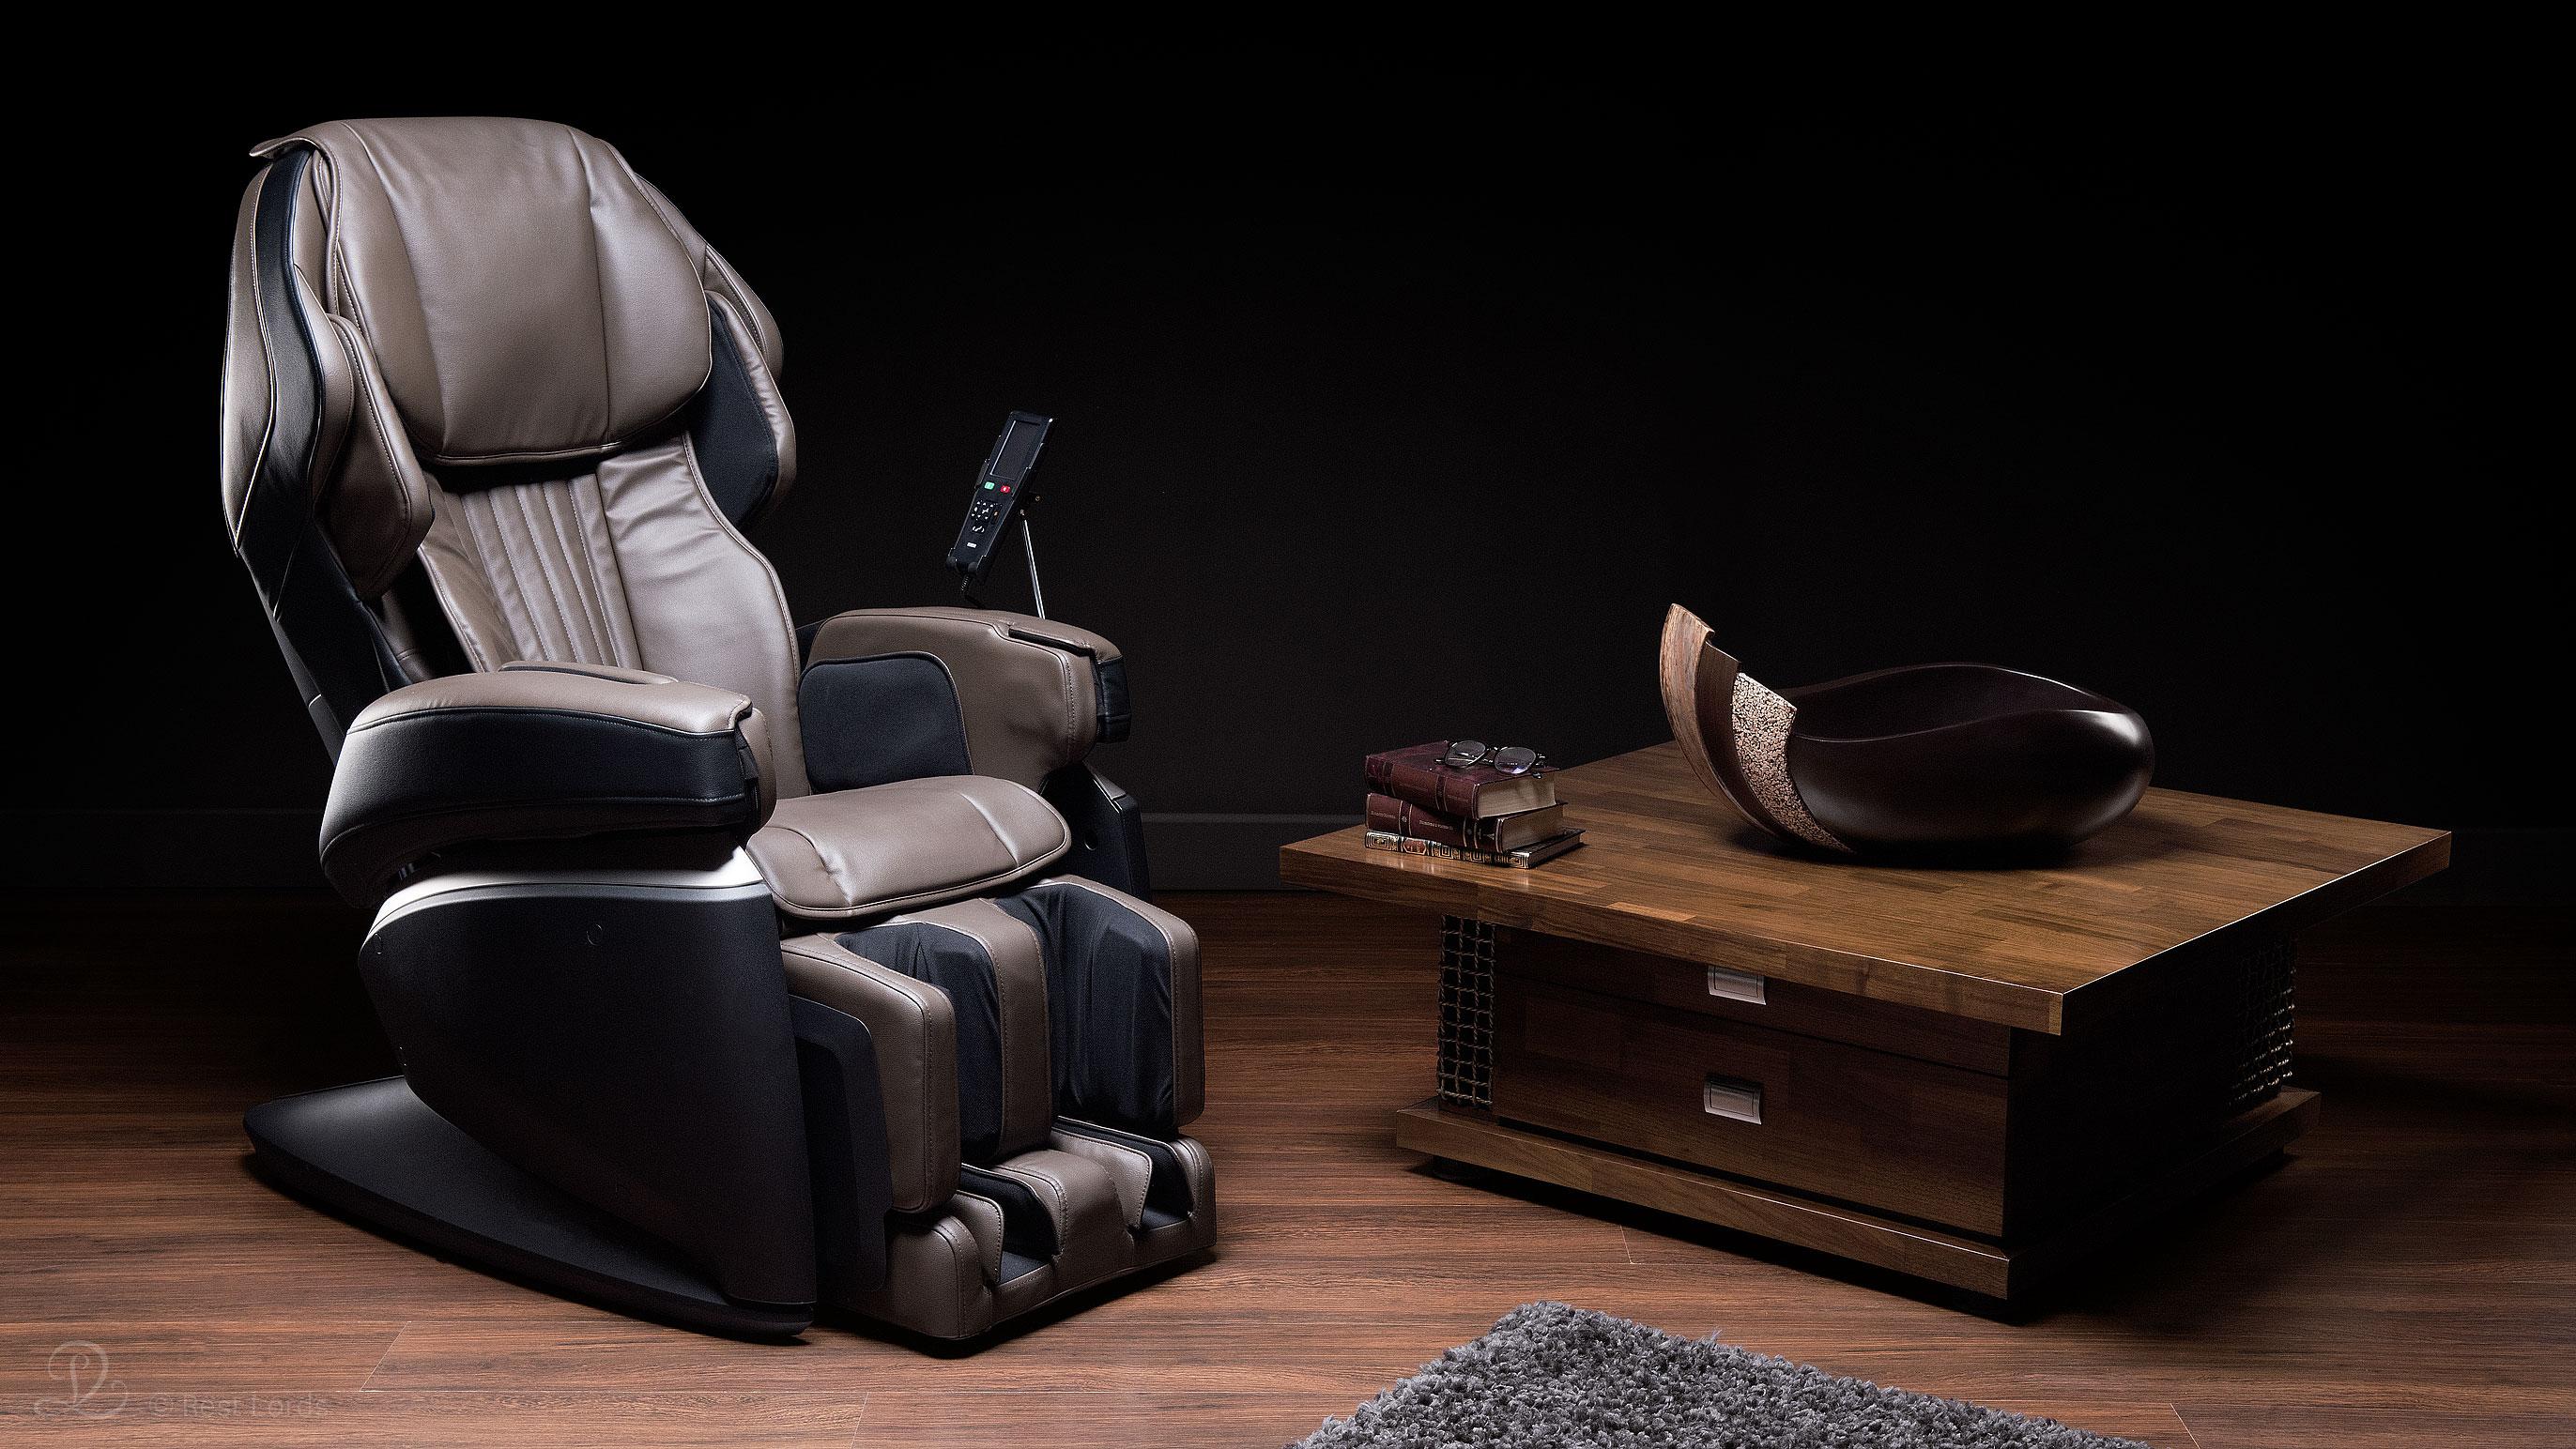 Fotel masujący Fujiiryoki JP1000 aranżacja